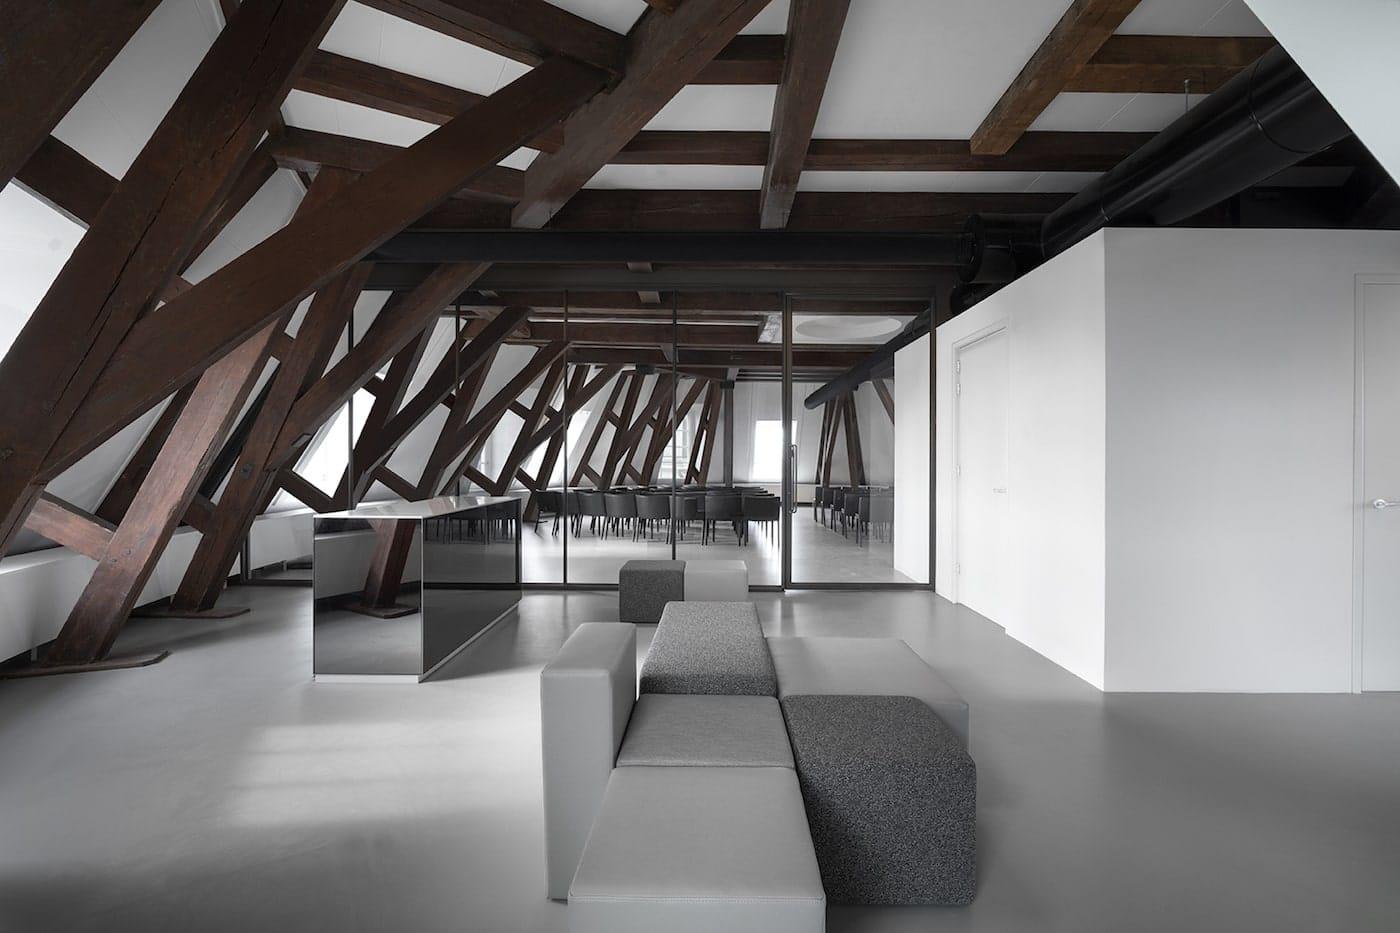 Exposed timber ceiling trusses in Felix Meritis